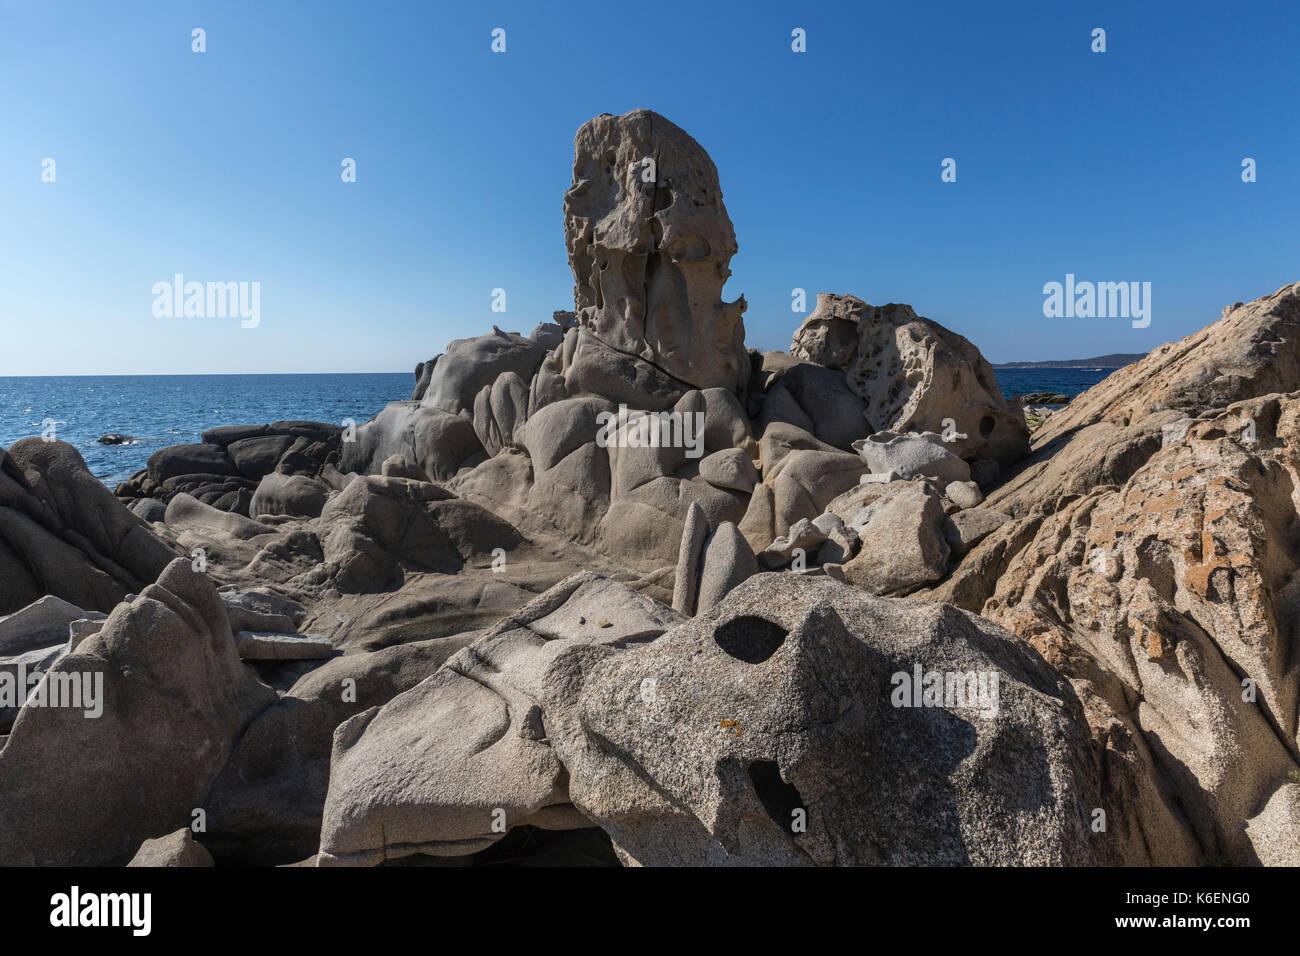 Il sole splende sulle rocce erose dal vento che incorniciano la mare blu punta molentis Villasimius Cagliari Sardegna Italia Europa Immagini Stock